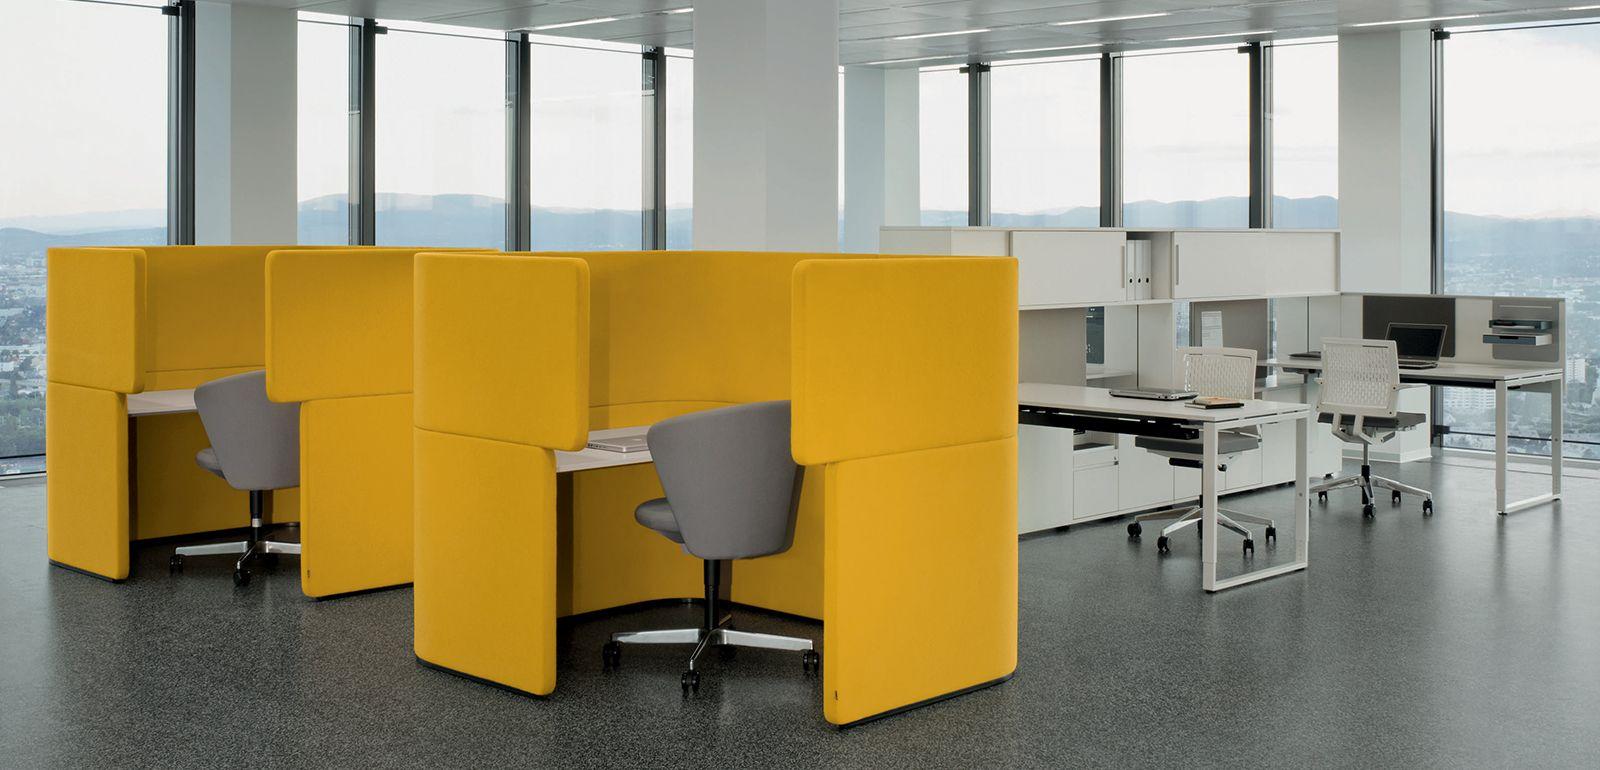 mobilier de bureau design pour professionnel paris lyon. Black Bedroom Furniture Sets. Home Design Ideas